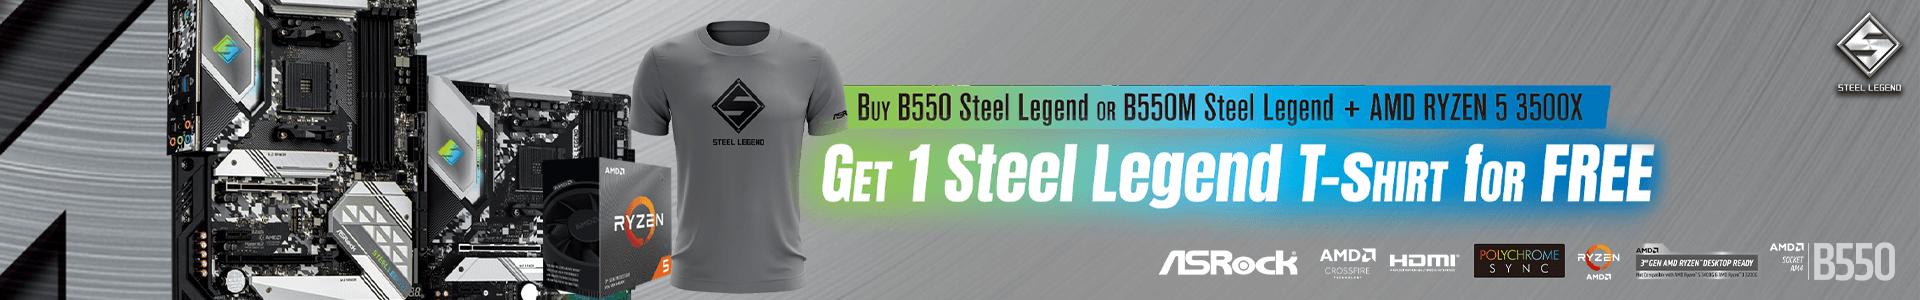 Asrock B550 Steel Legend or B550M Steel Legend and AMD Ryzen 5 3500X Get 1 Steel Legend T-Shirt Free